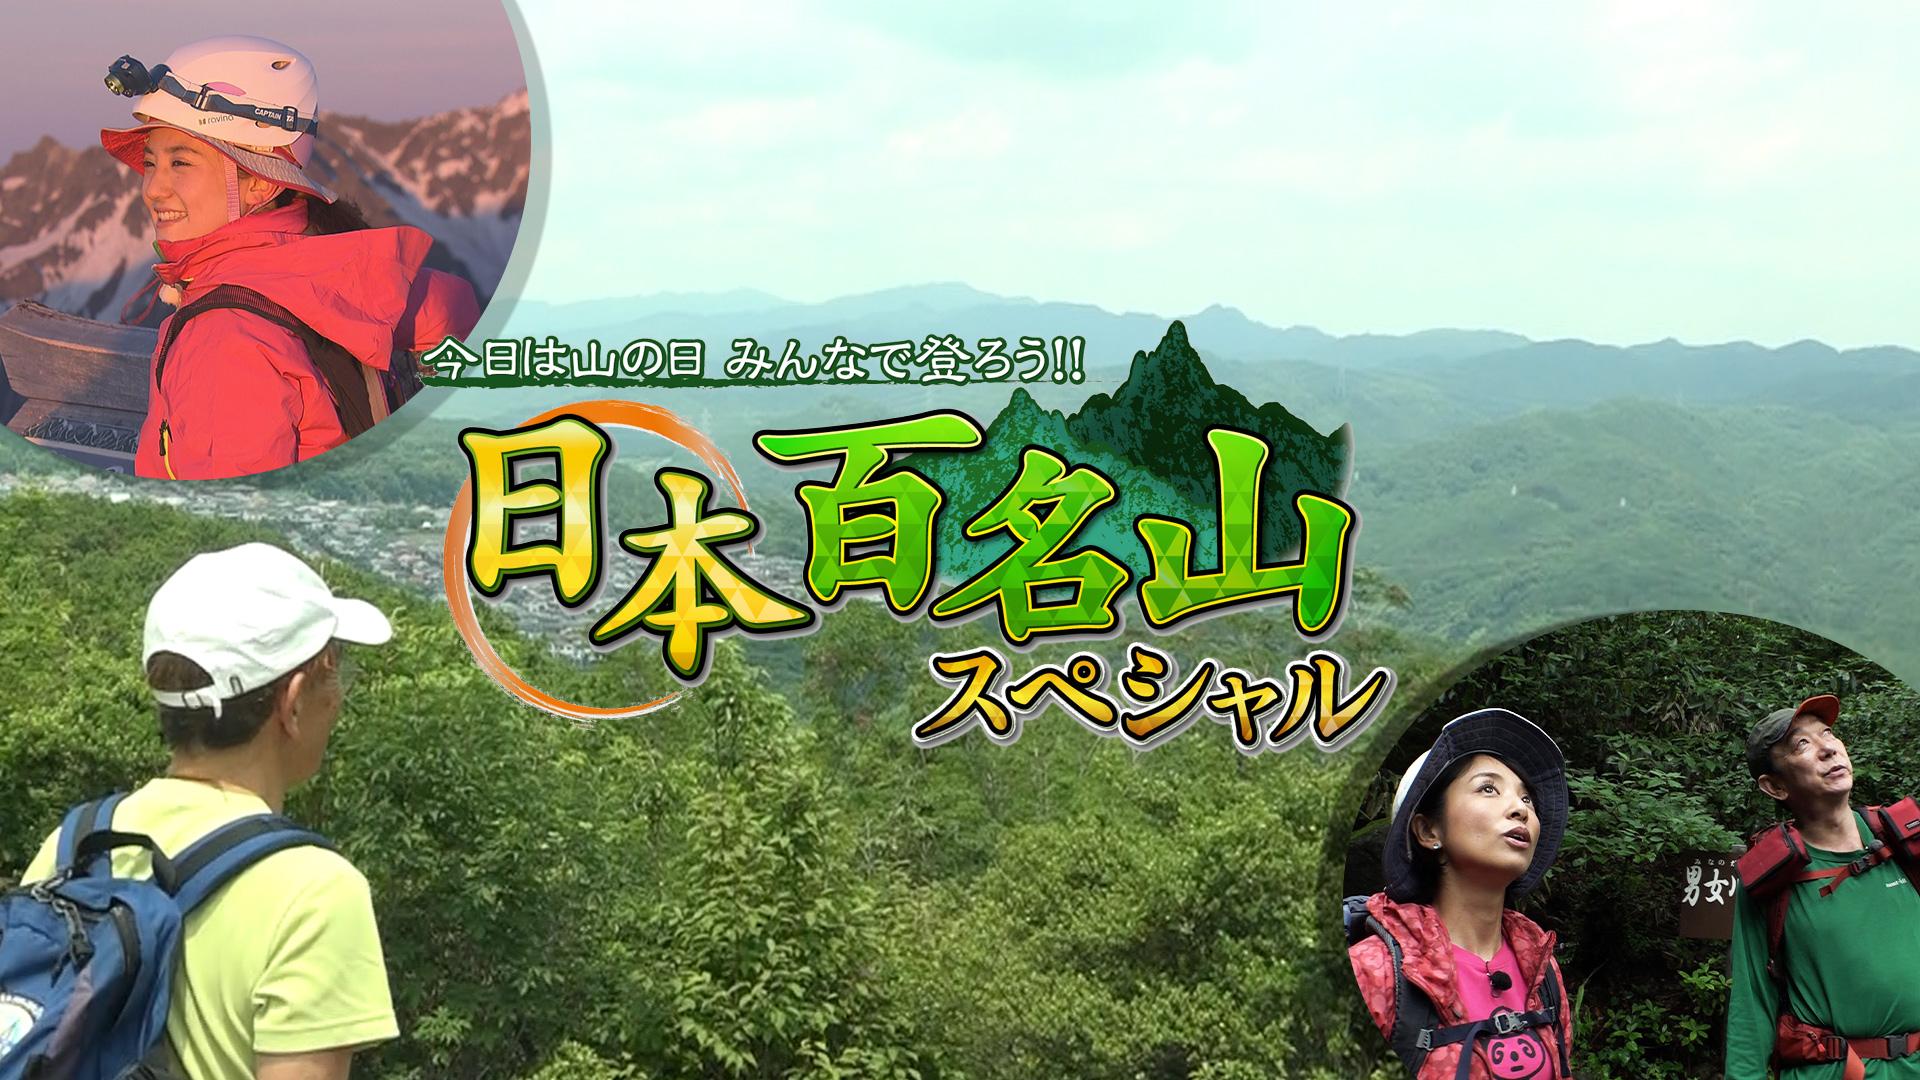 今日は山の日 みんなで登ろう!!日本百名山スペシャル